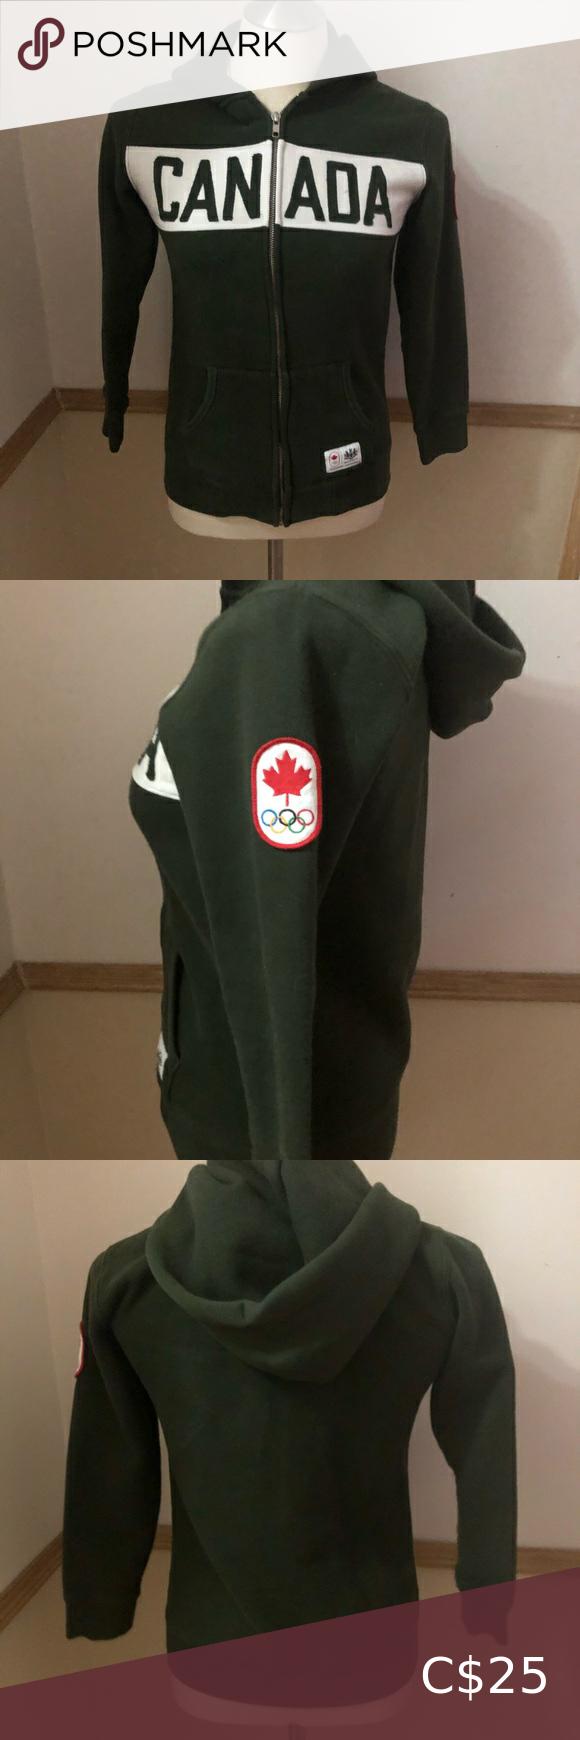 CANADA 🇨🇦 Zip Up Hoodie in 2020 Hoodies, Zip ups